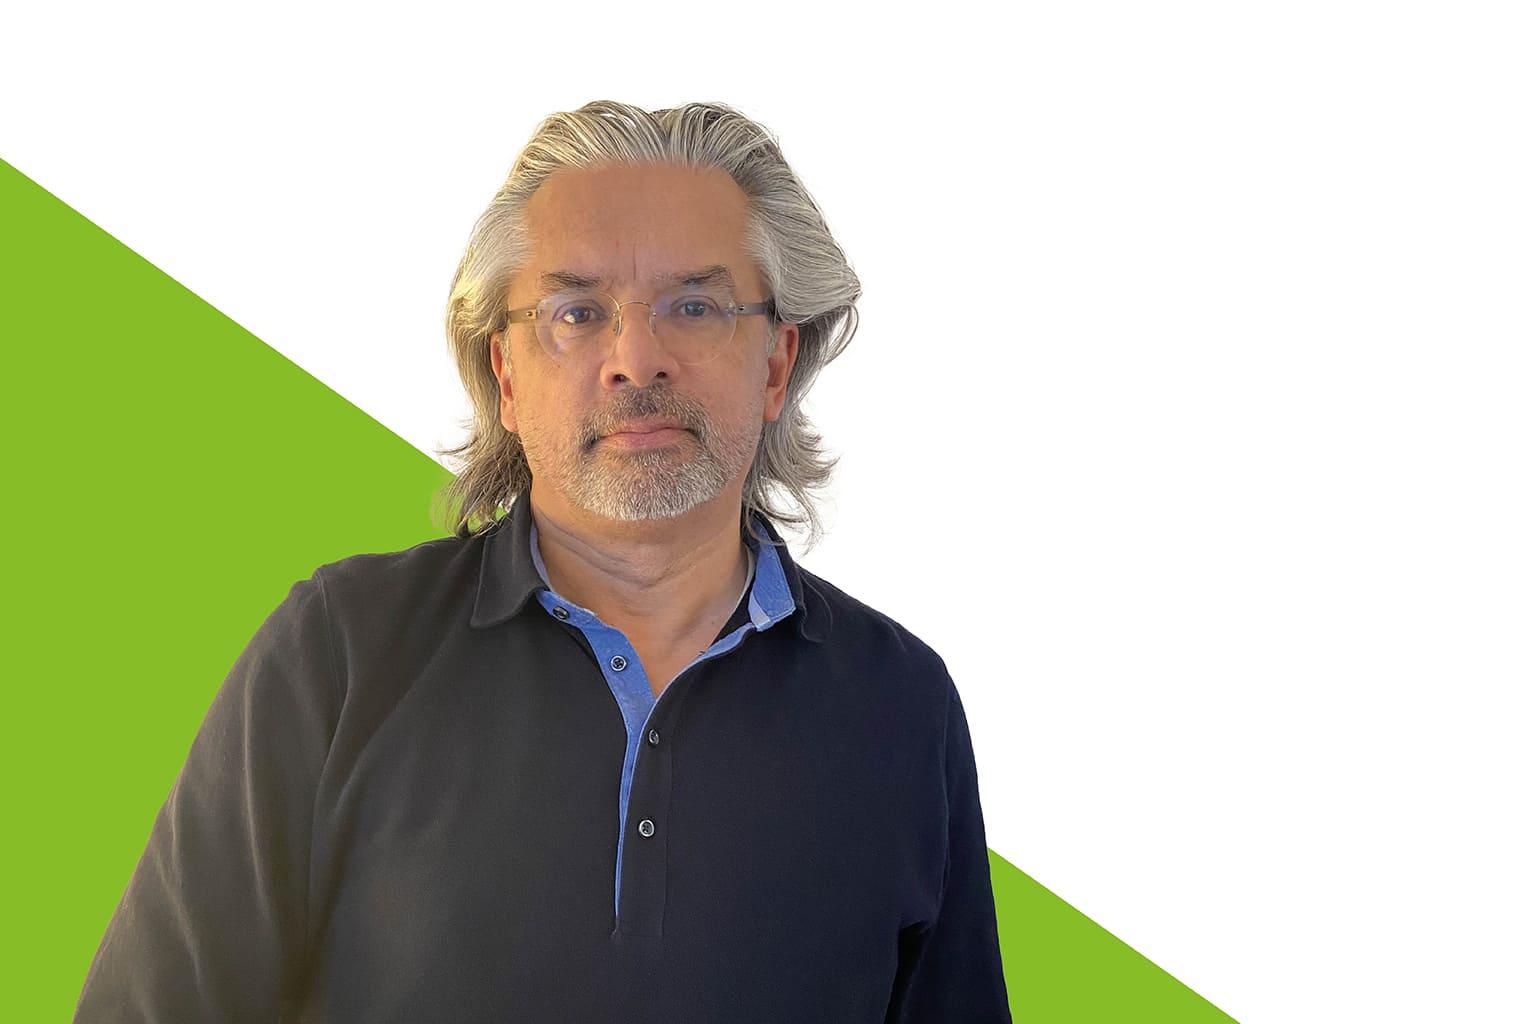 Martijn van Houten